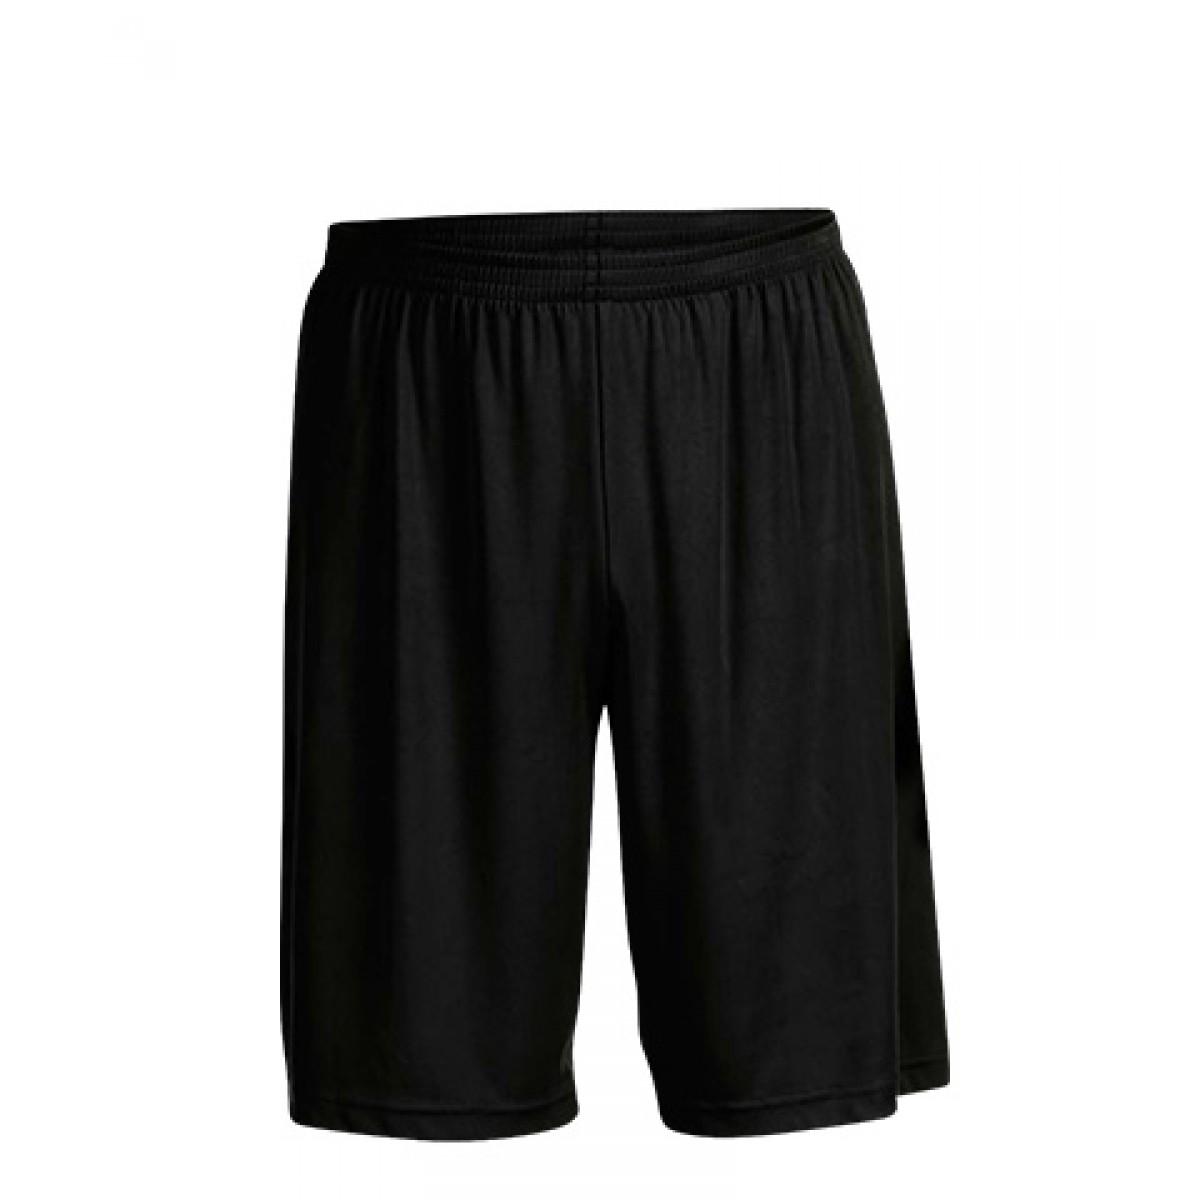 Men's Performance Shorts-Black-M